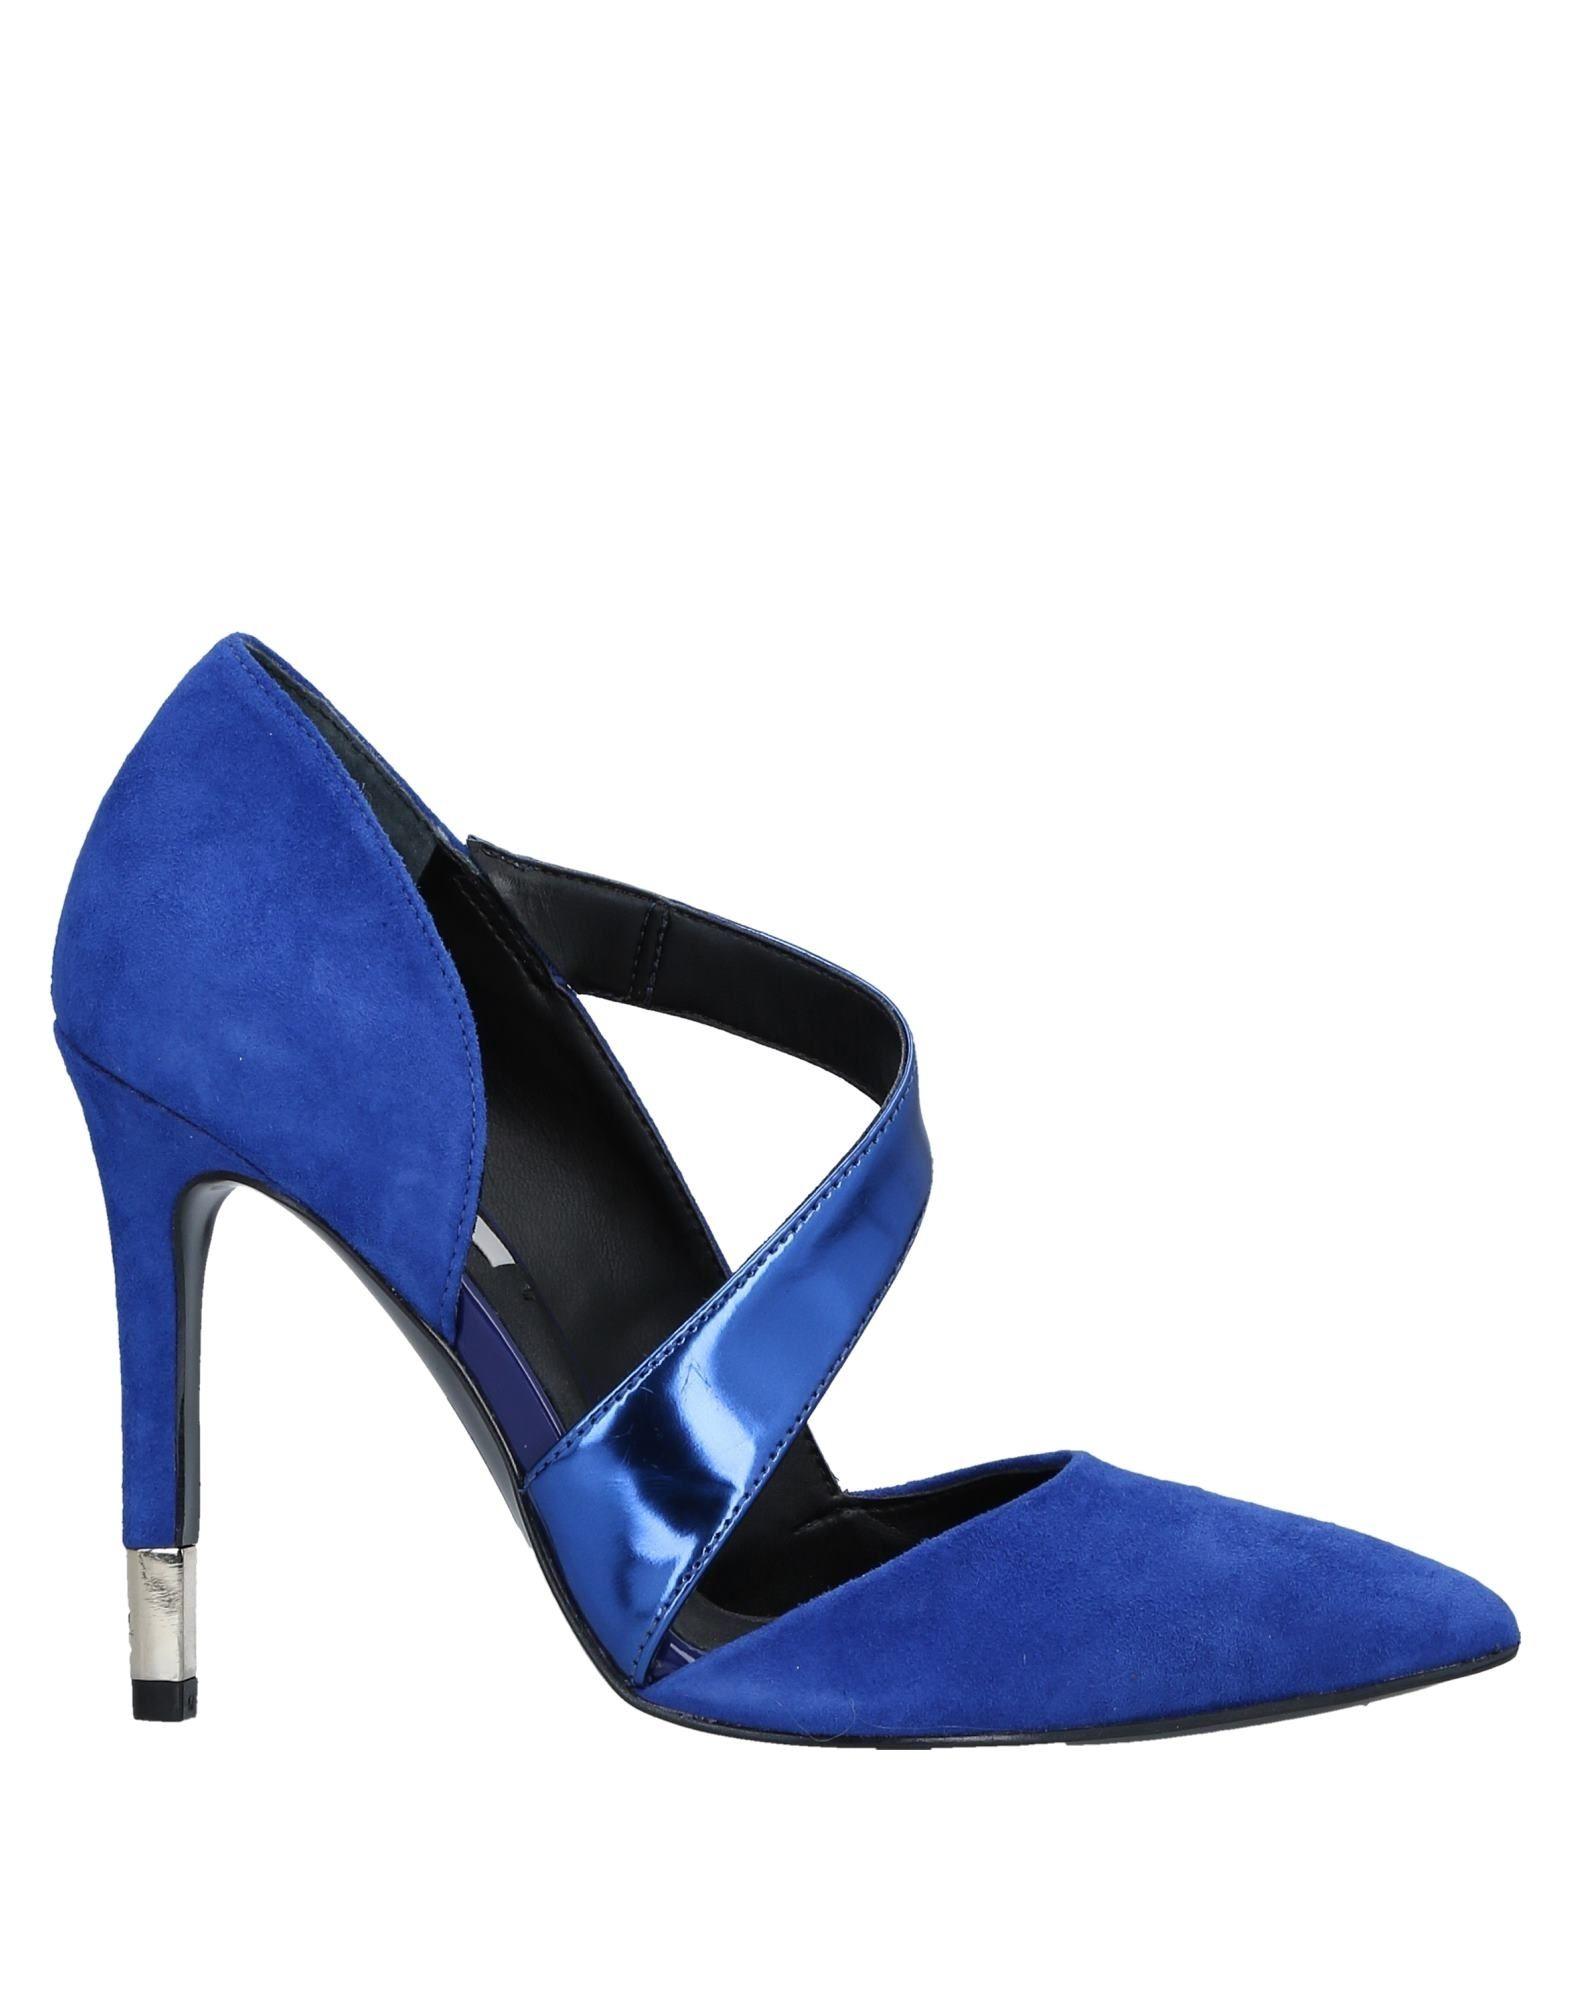 Guess Pumps Damen  11534860IA 11534860IA 11534860IA Gute Qualität beliebte Schuhe b81139